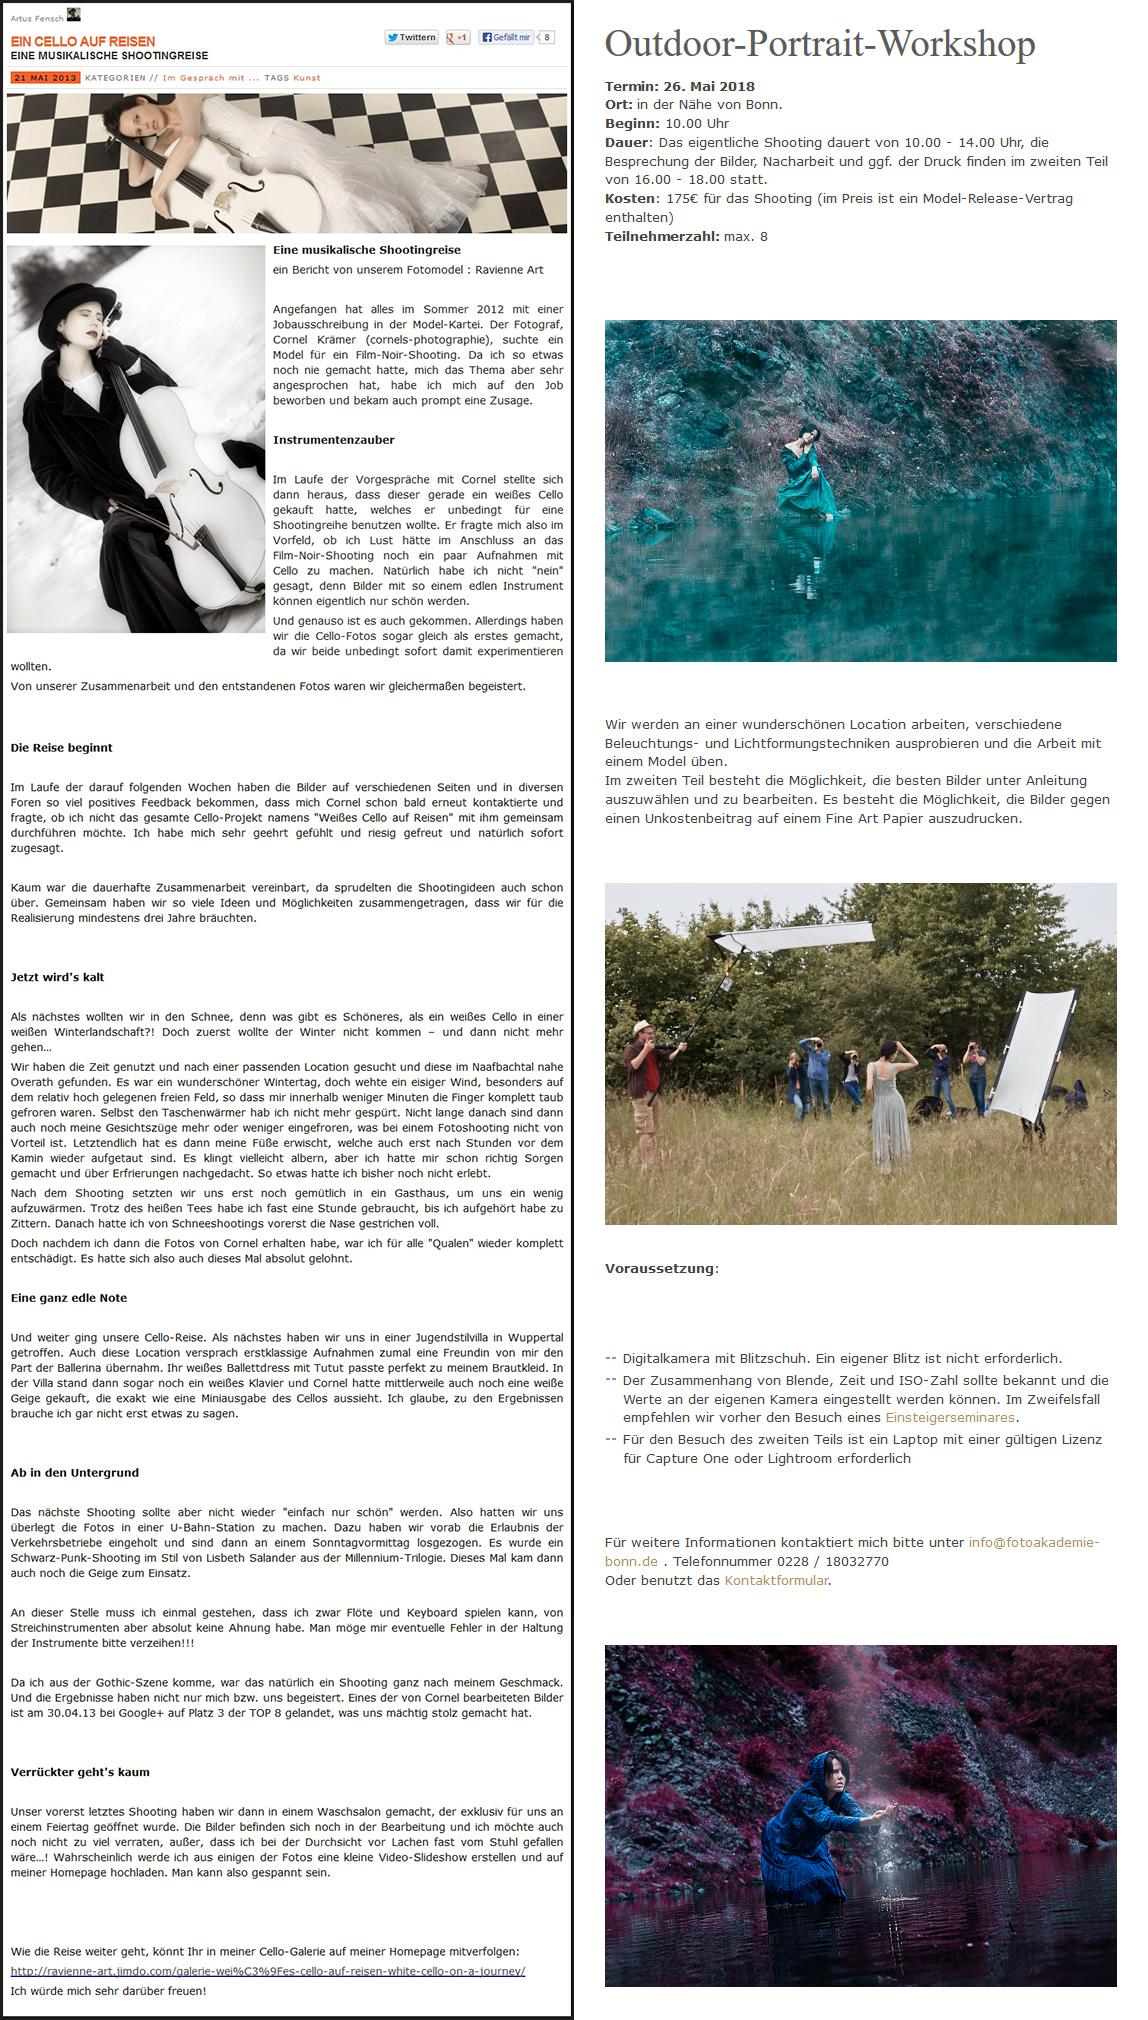 kulturarche.de & fotoakademie-bonn.de